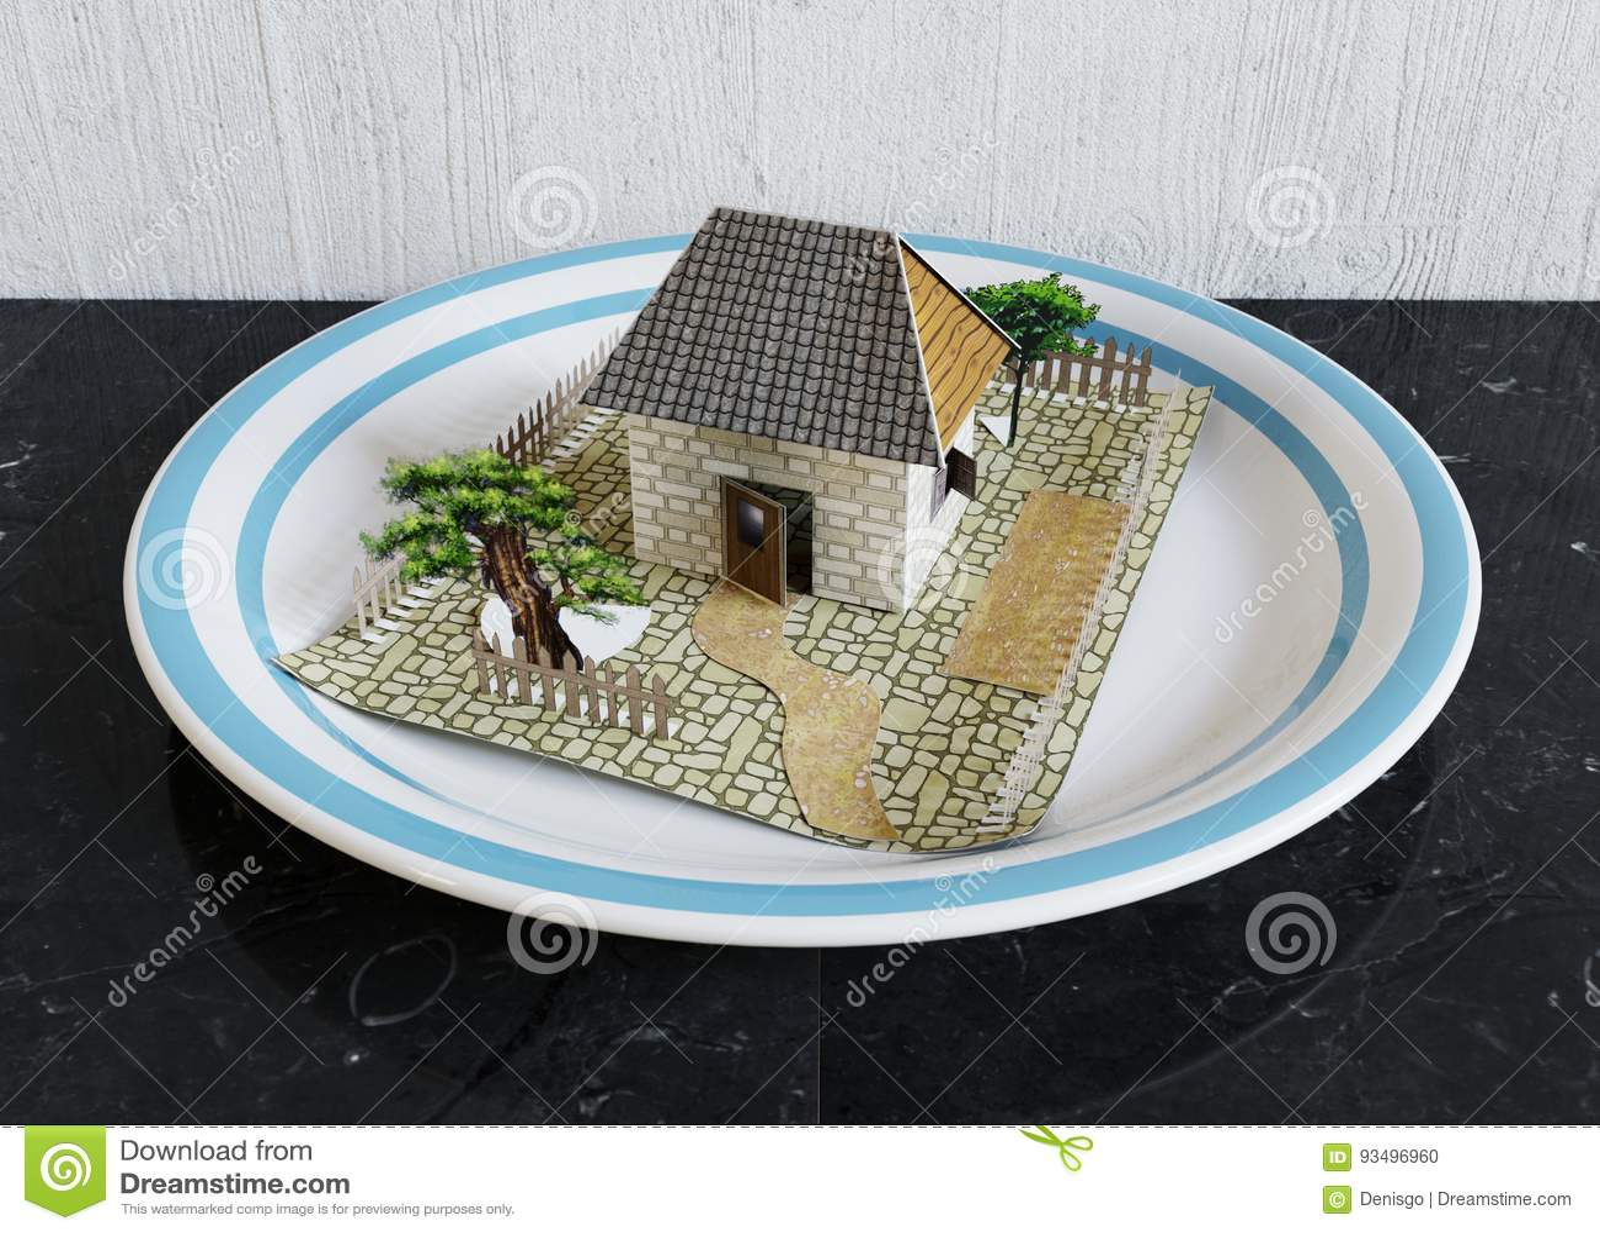 απομονώστε το σπίτι στο πιάτο με την μπλε επιχειρησιακή έννοια ακίνητων περιουσιών συνόρων